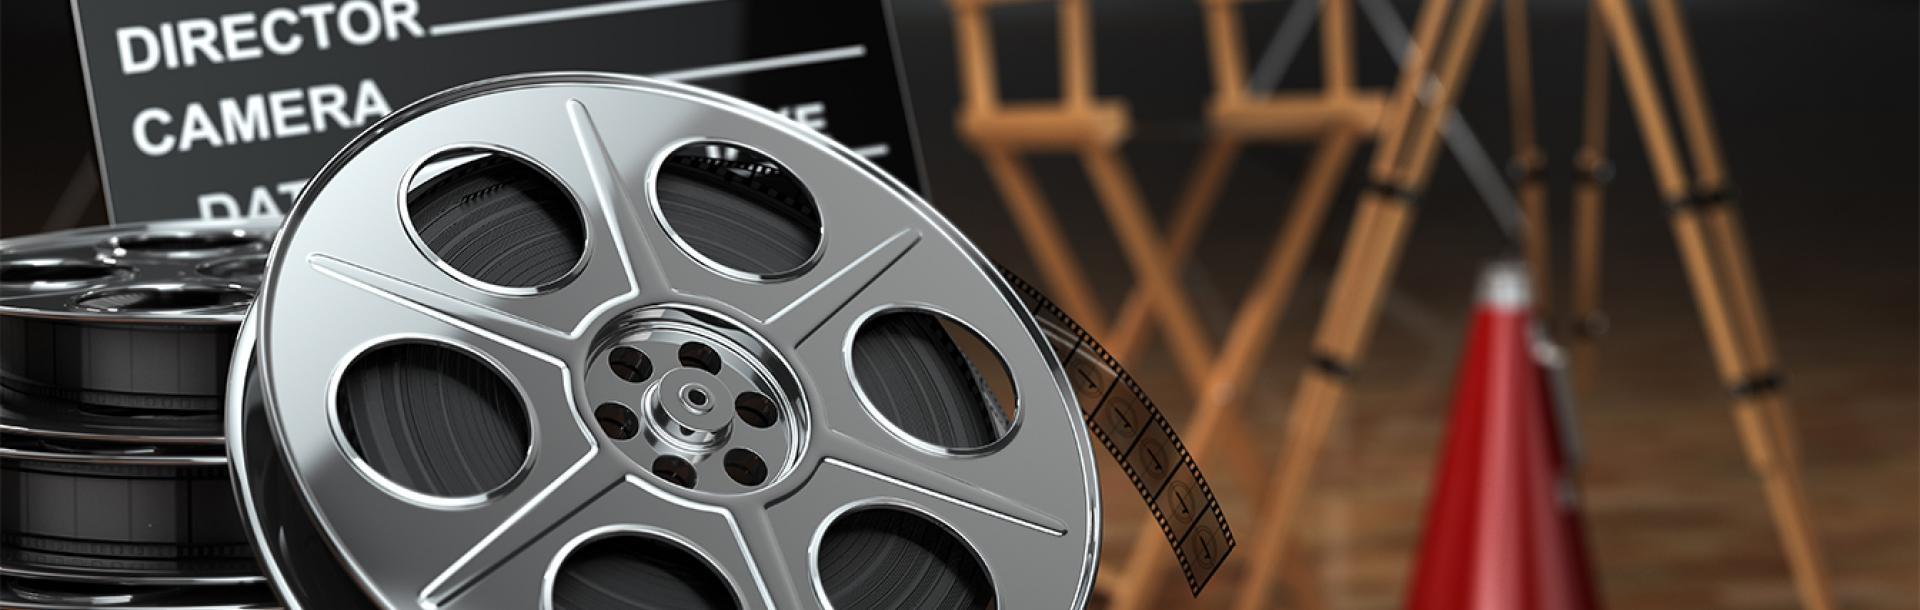 בית הספר לקולנוע וטלוויזיה